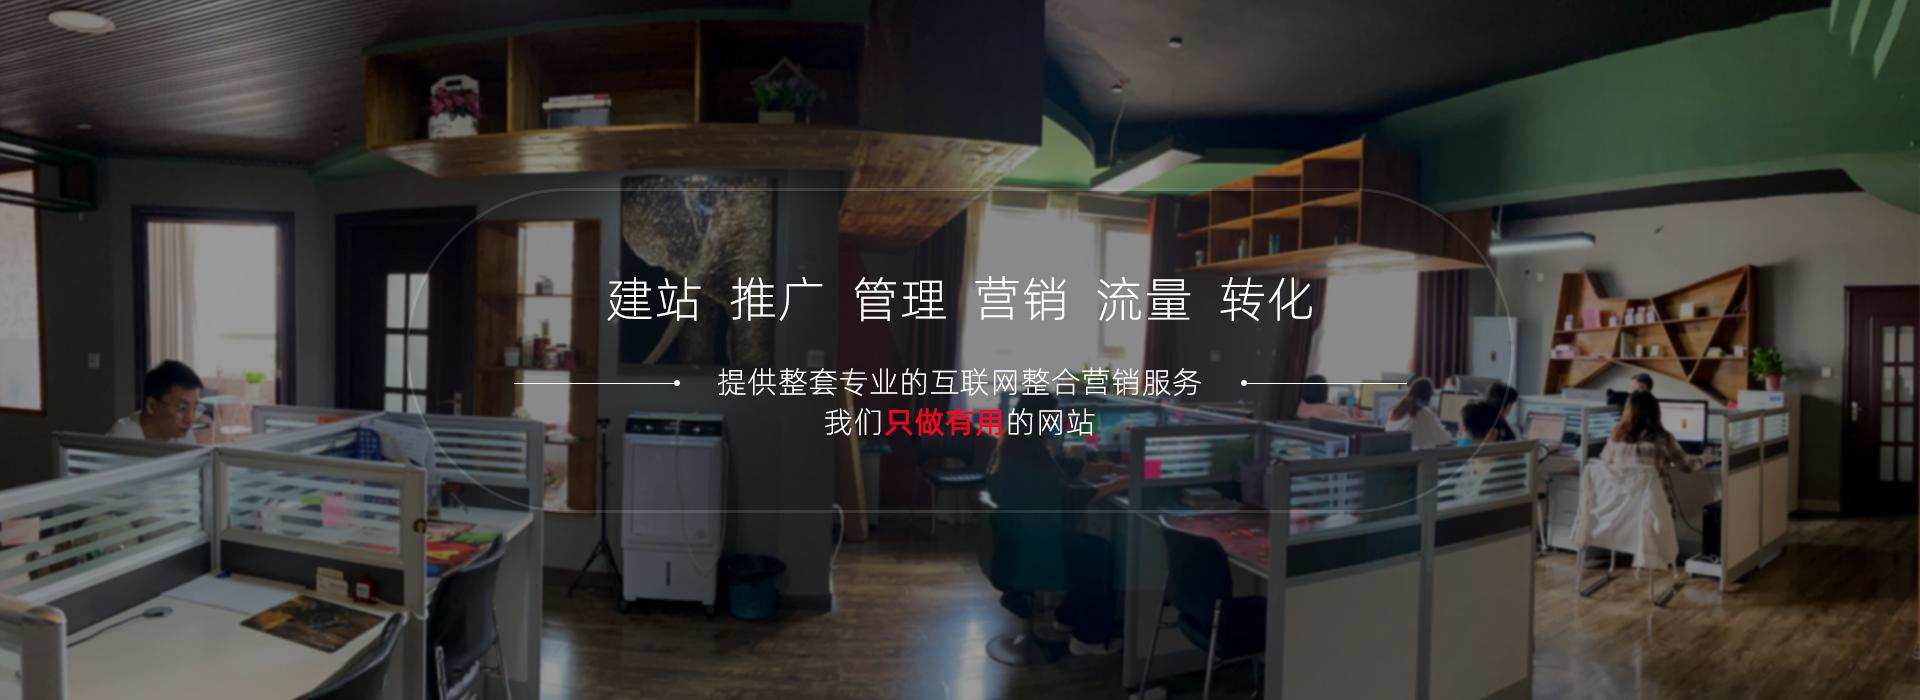 安阳网络推广